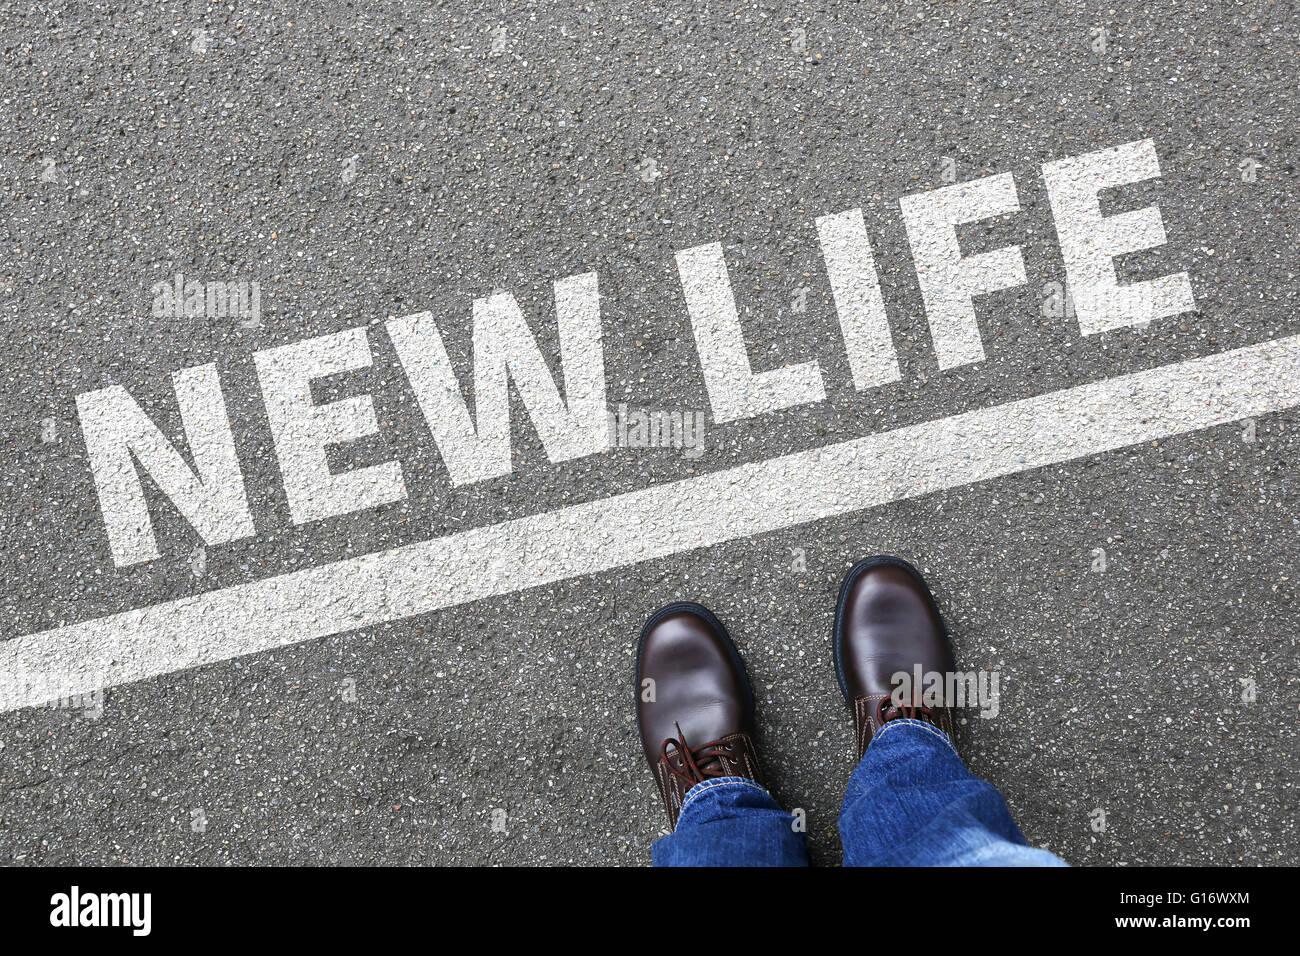 Nuova vita inizio inizi futuro passato obiettivi successo decisione decide di modifica Immagini Stock